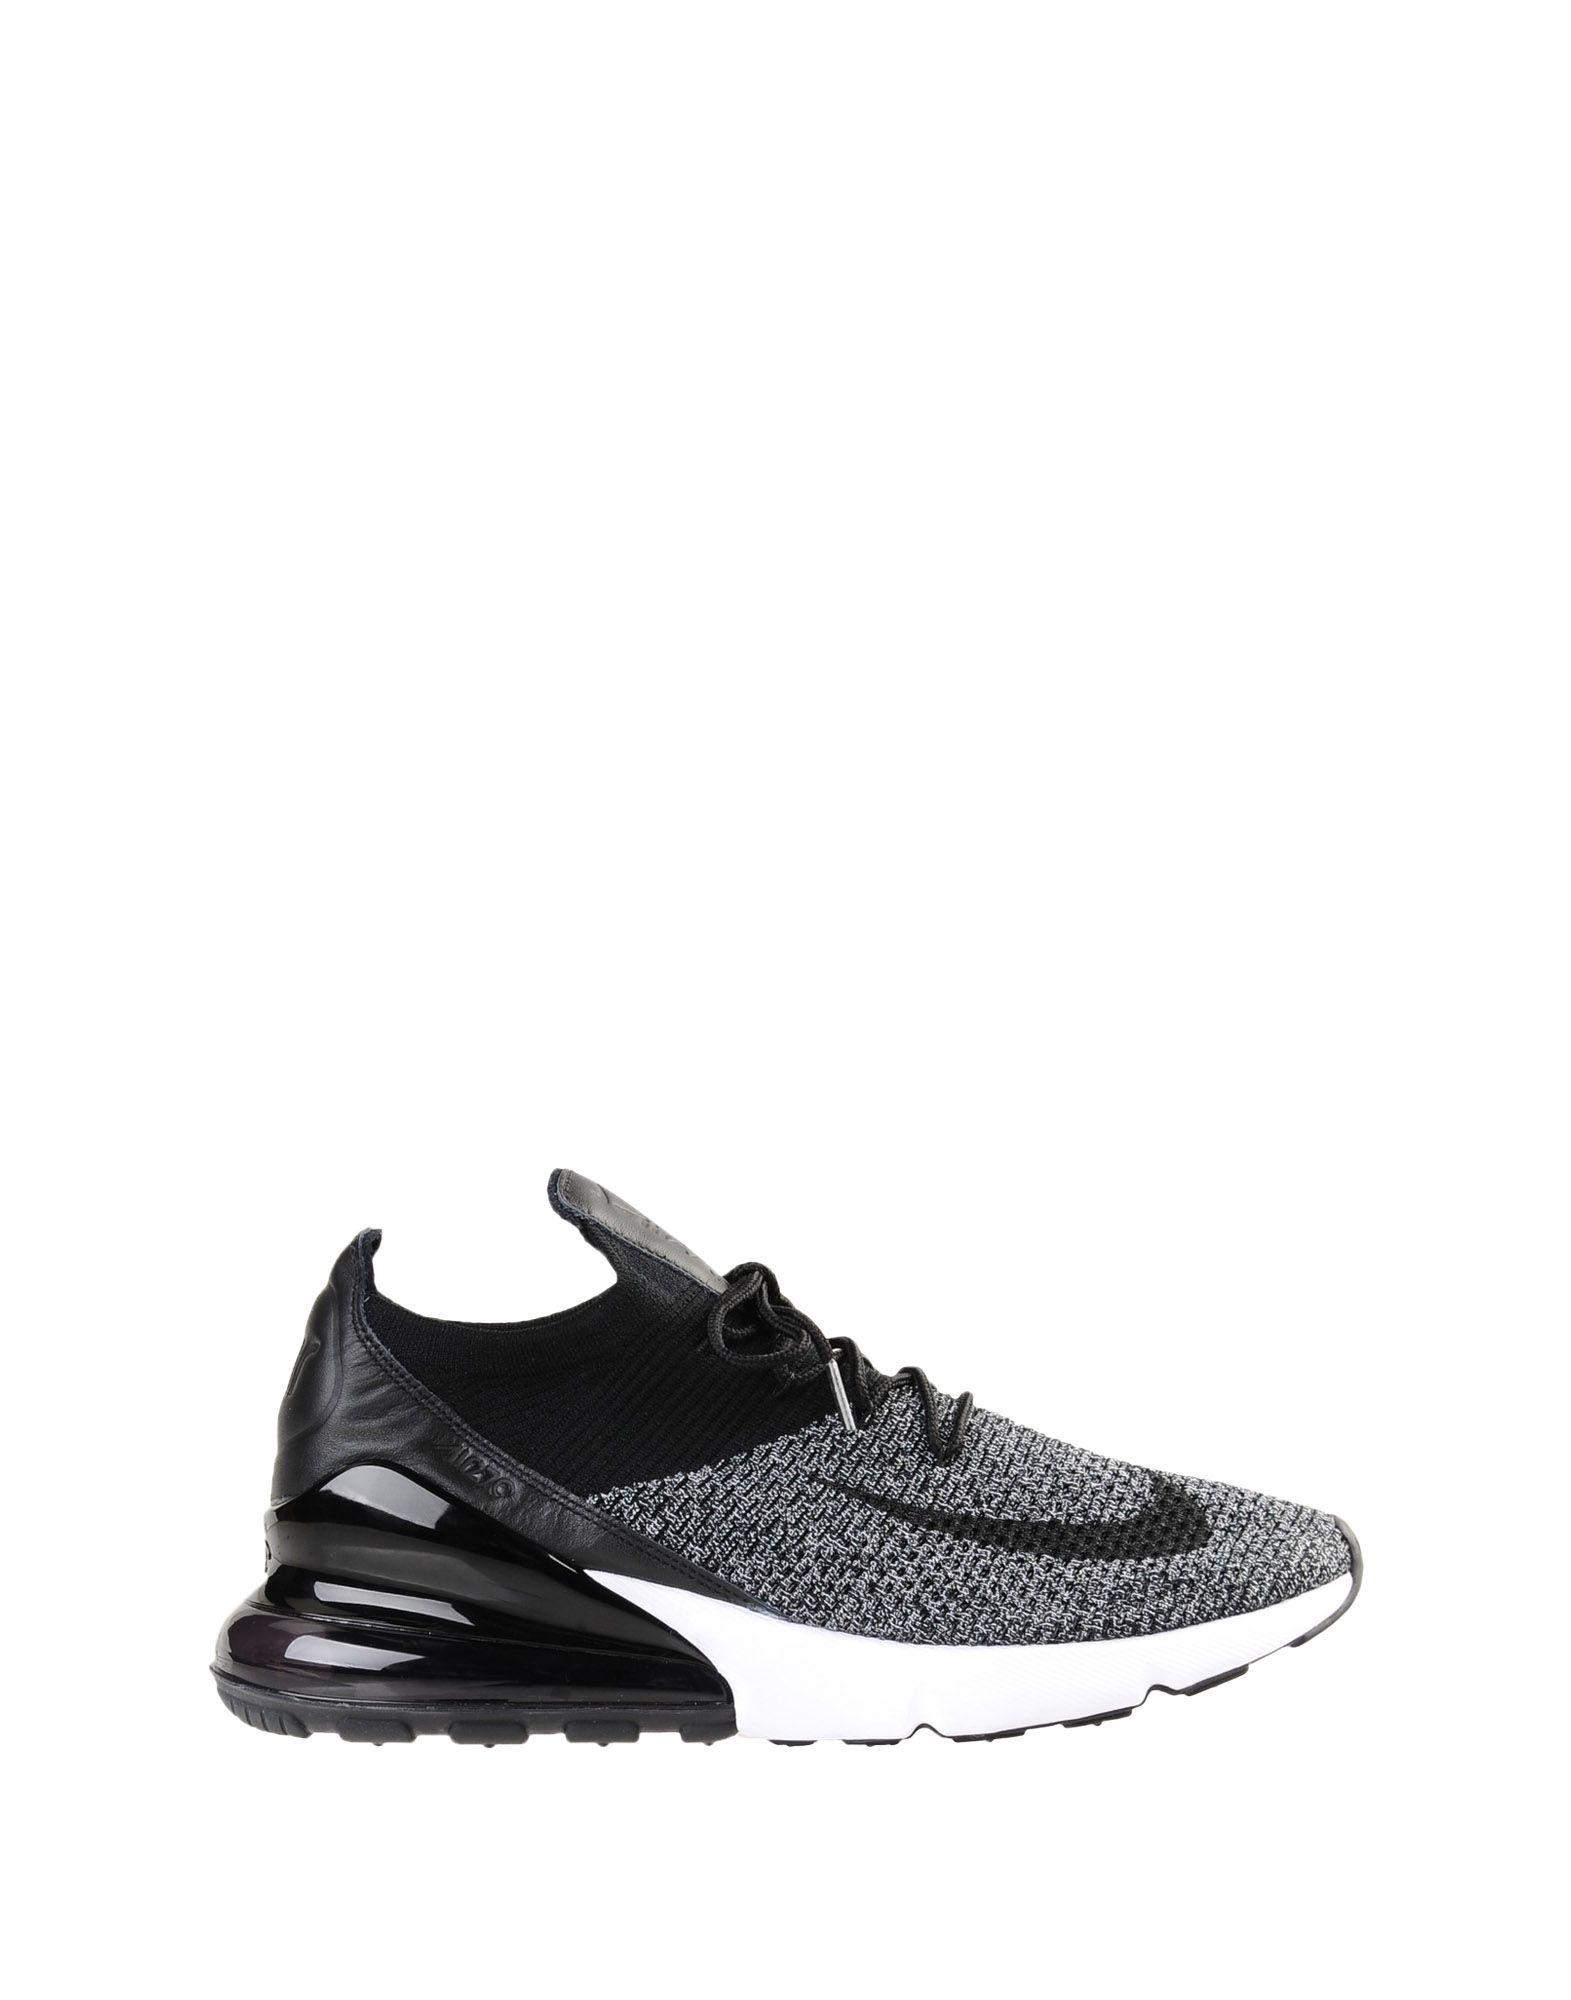 Nike Air Max 270 Flyknit  11511846FG Gute Qualität beliebte Schuhe